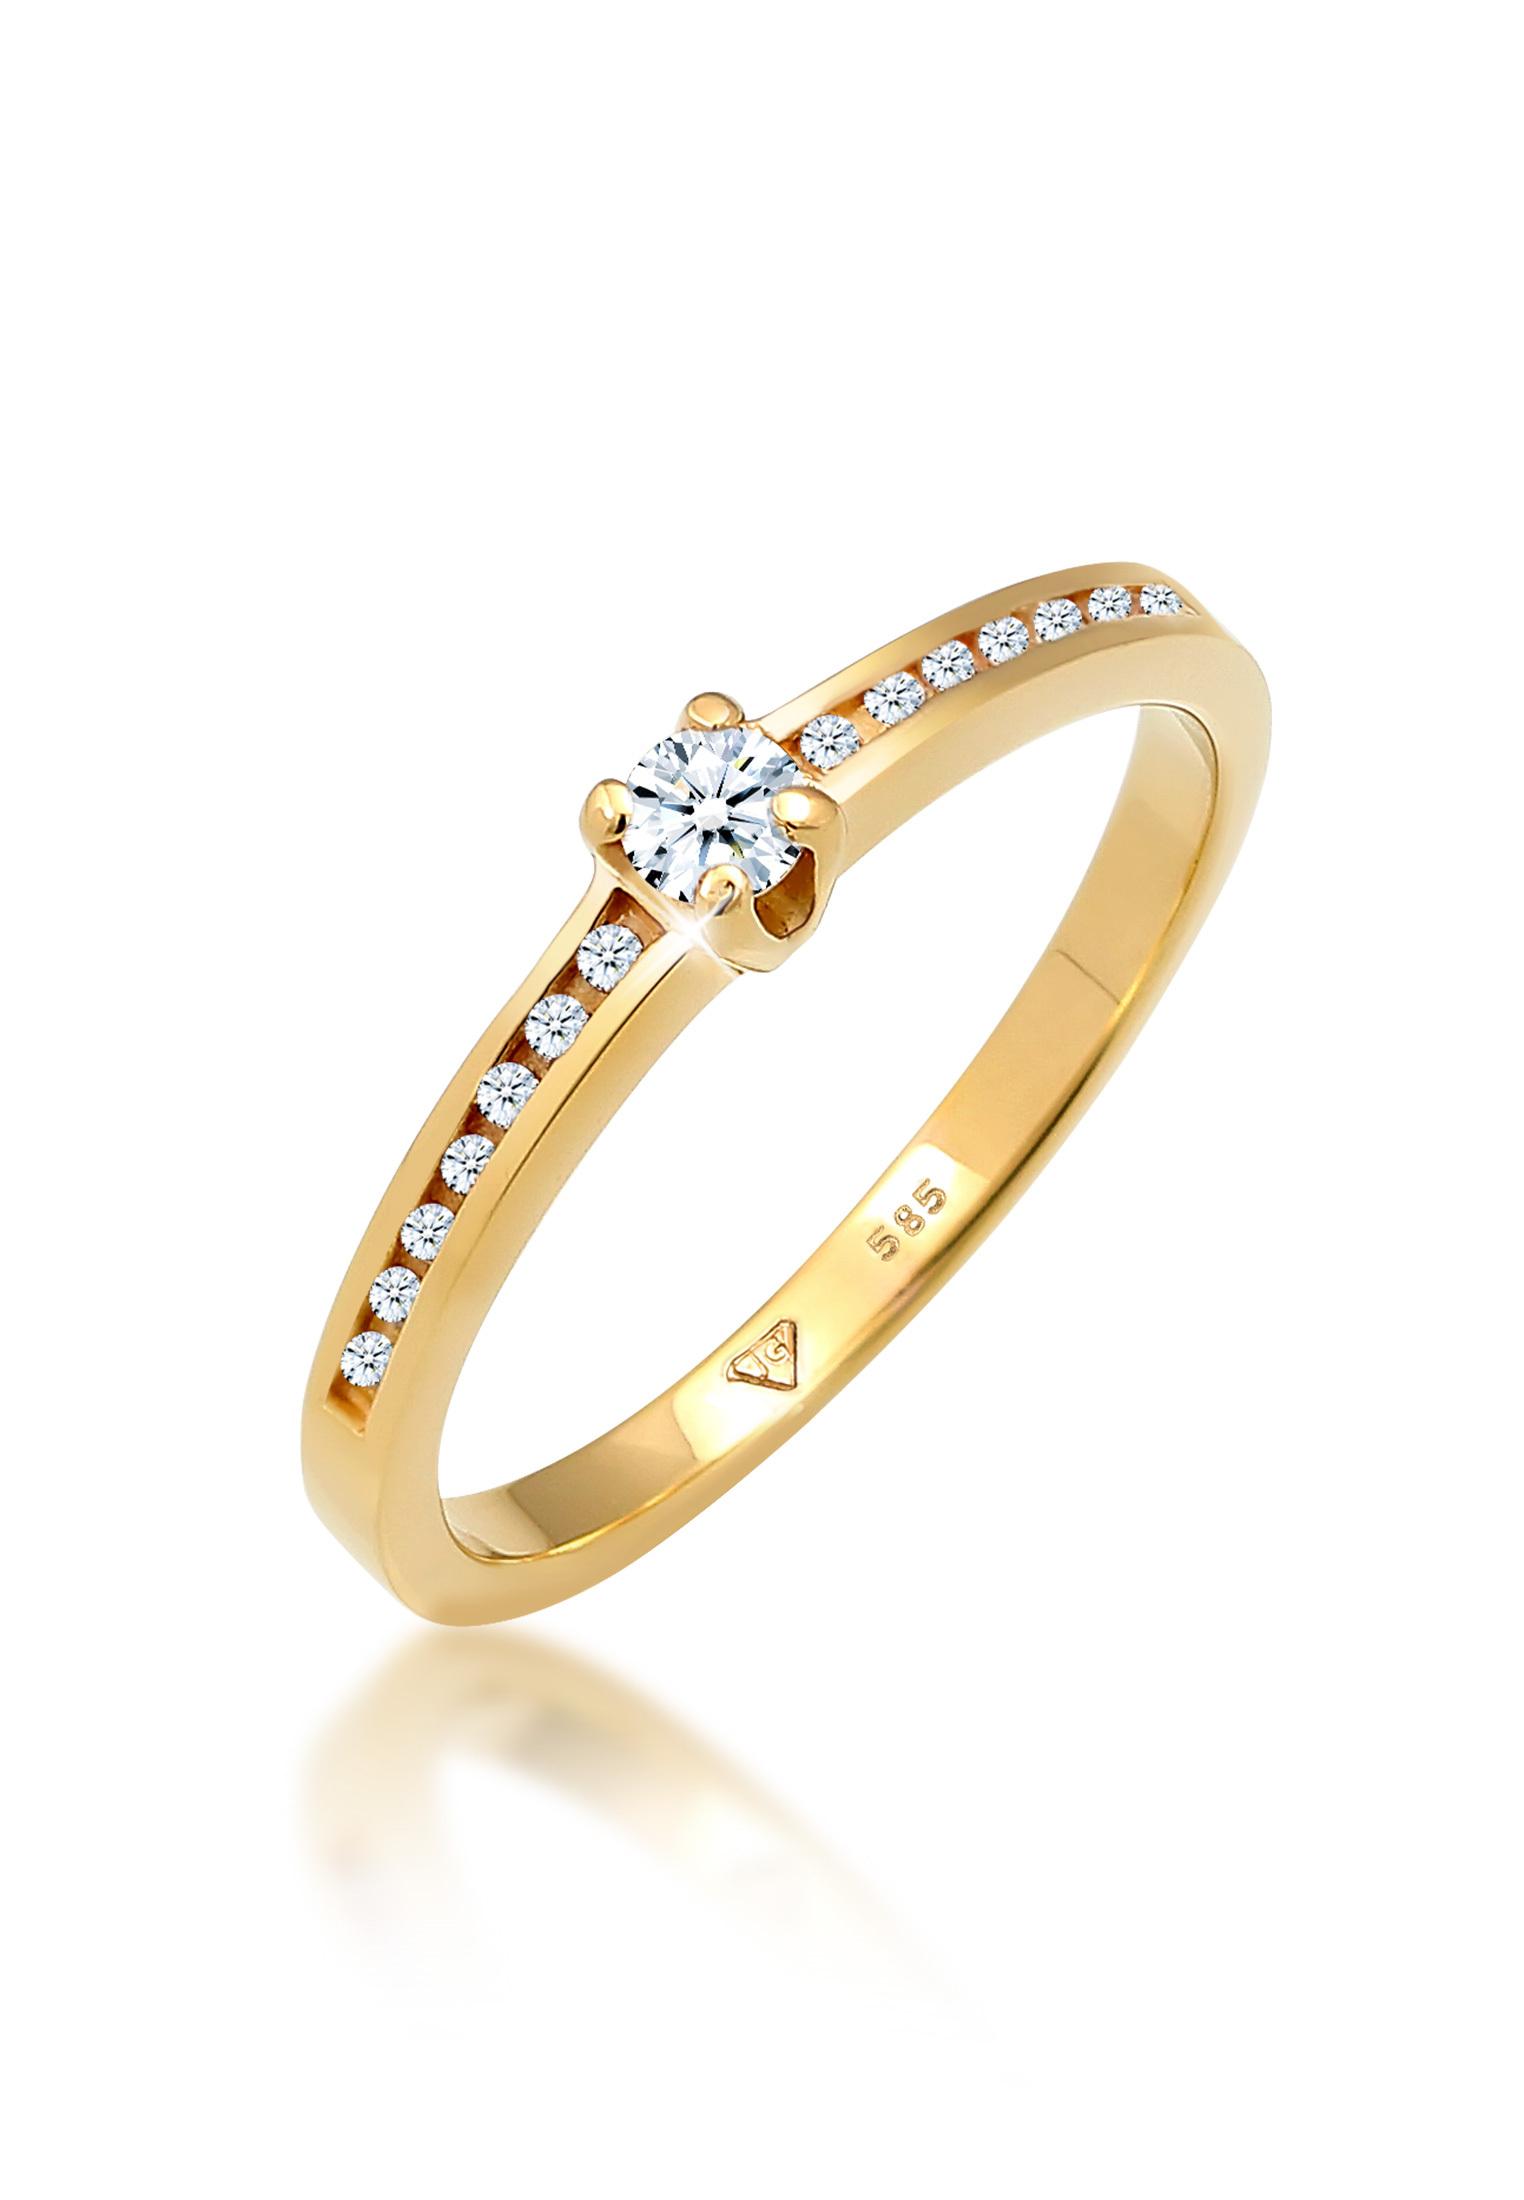 Verlobungsring | Diamant ( Weiß, 0,18 ct ) | 585 Gelbgold